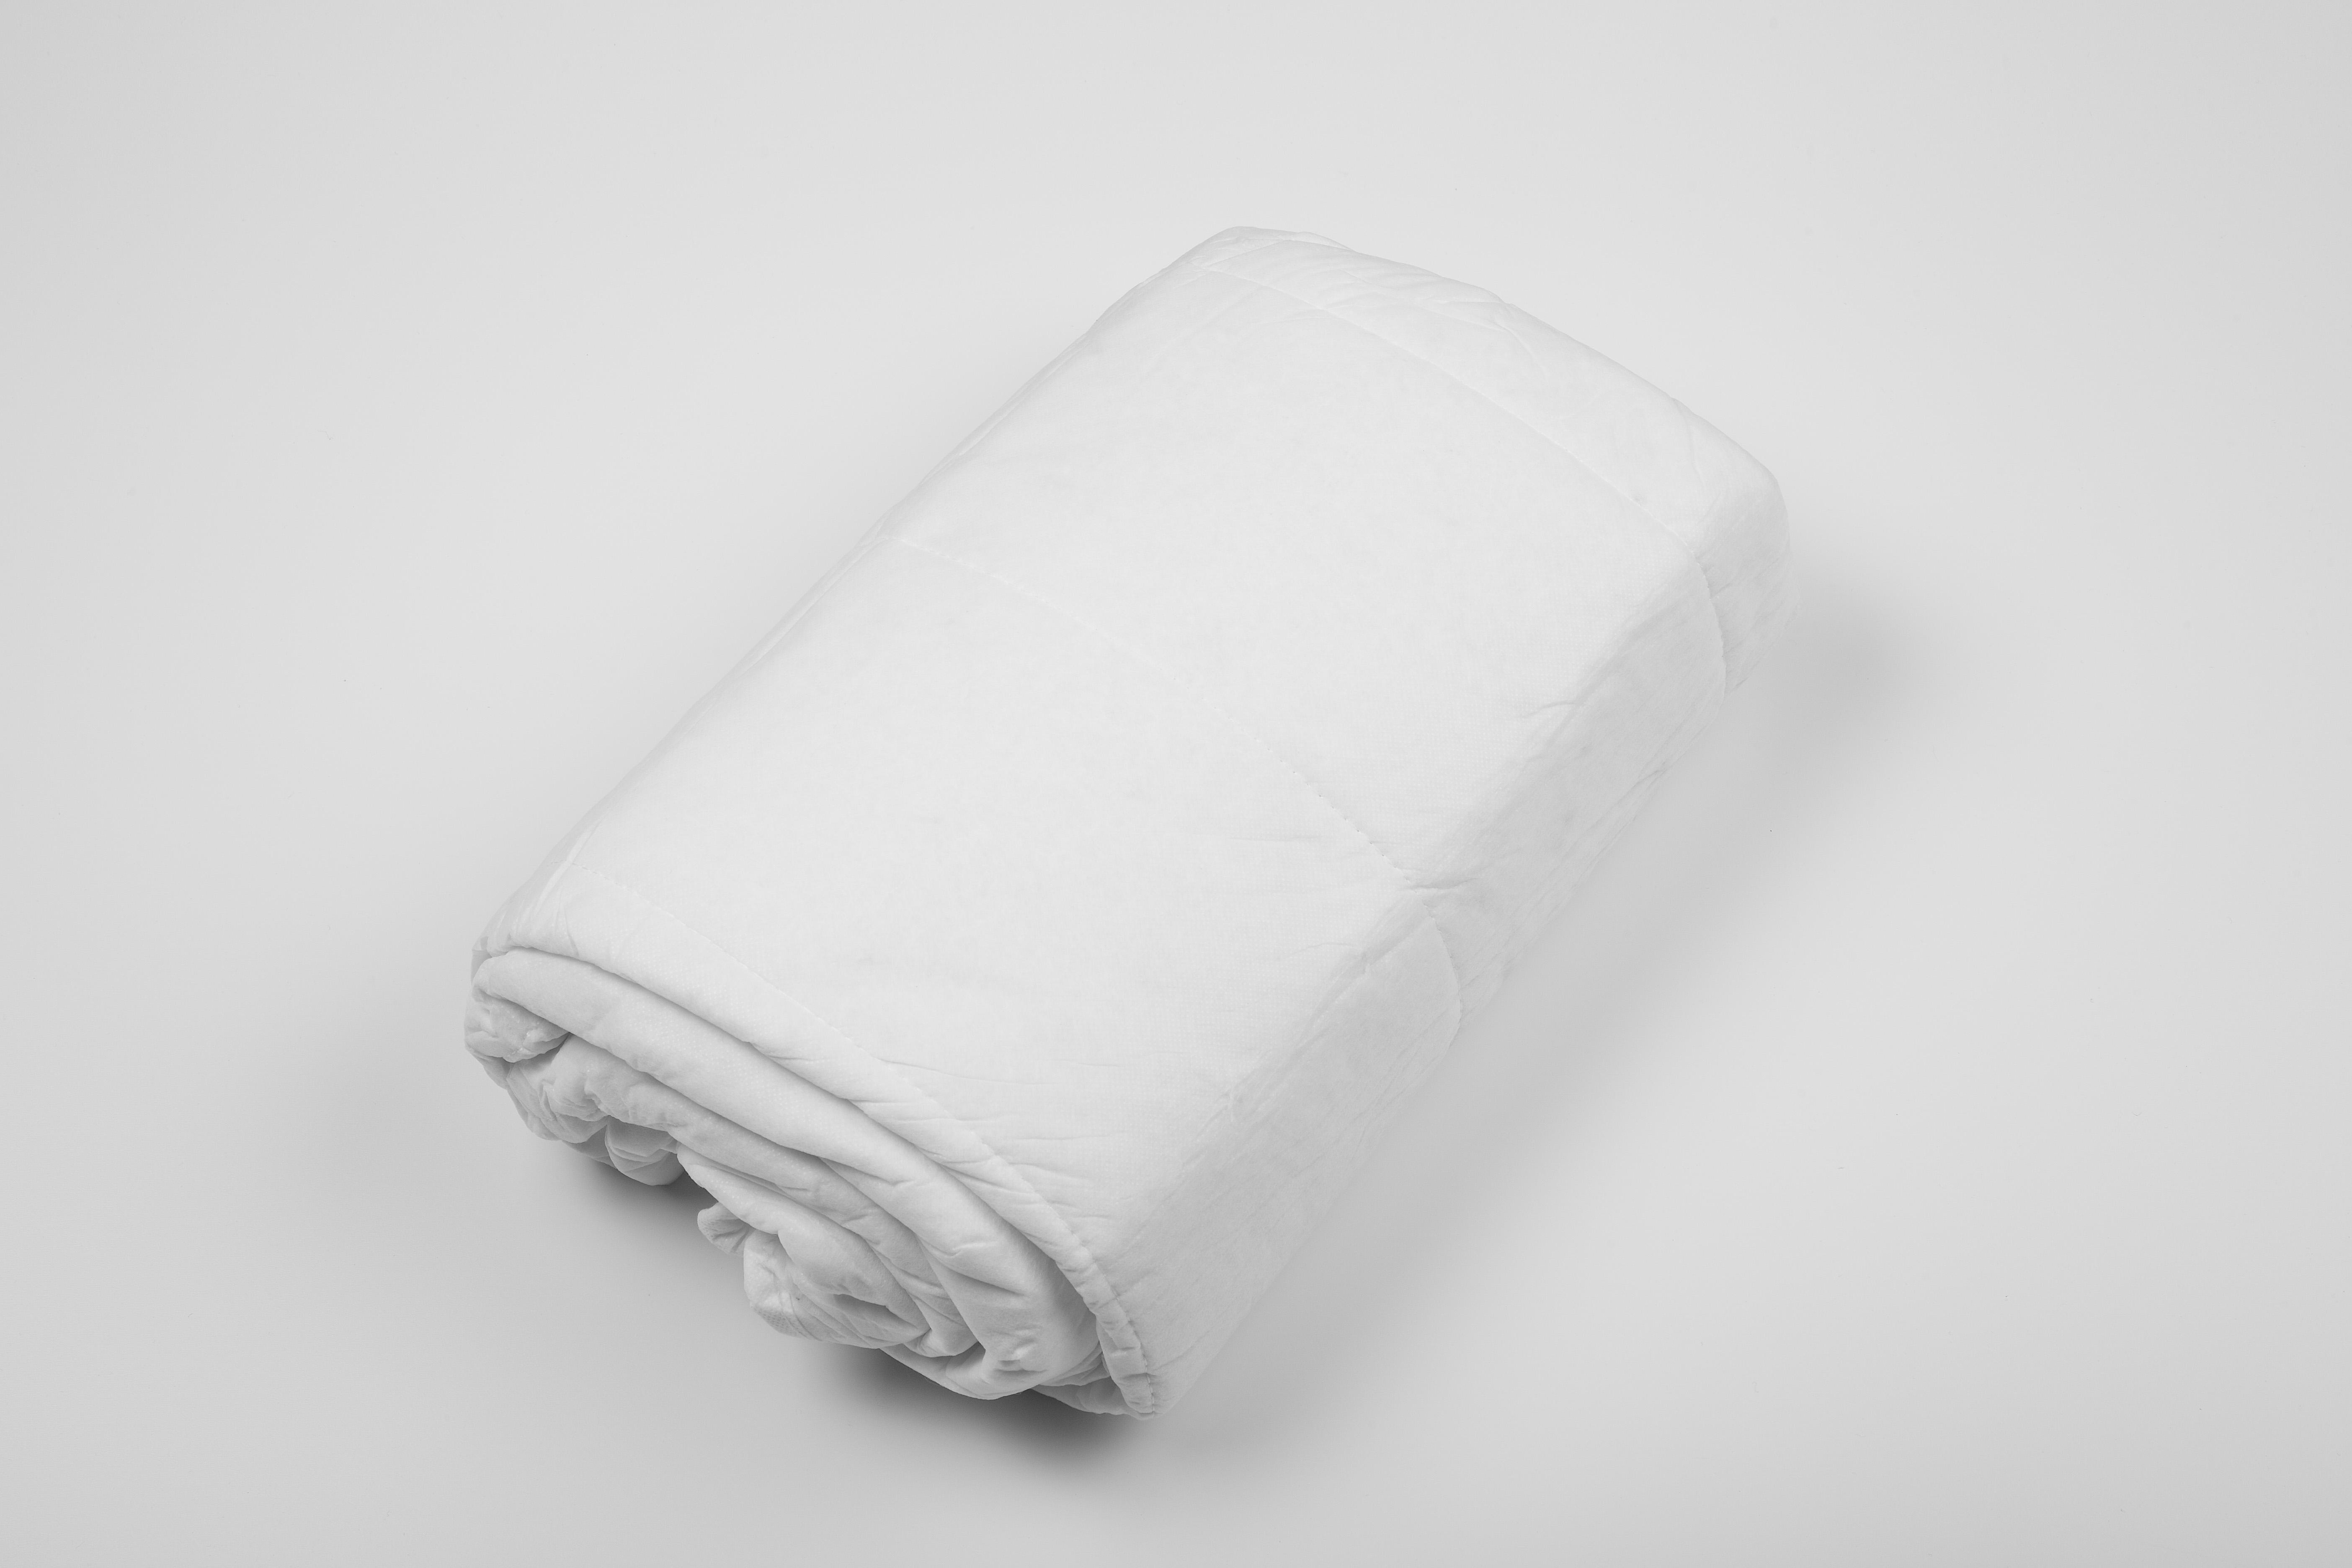 Einmaldecken, Polyesterwatte, weiß, 700g